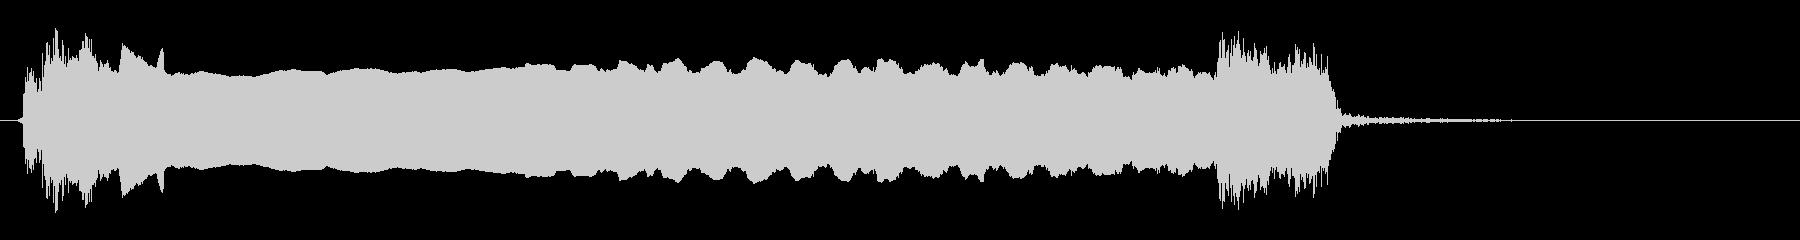 エレクトリックギター:パワーベンド...の未再生の波形